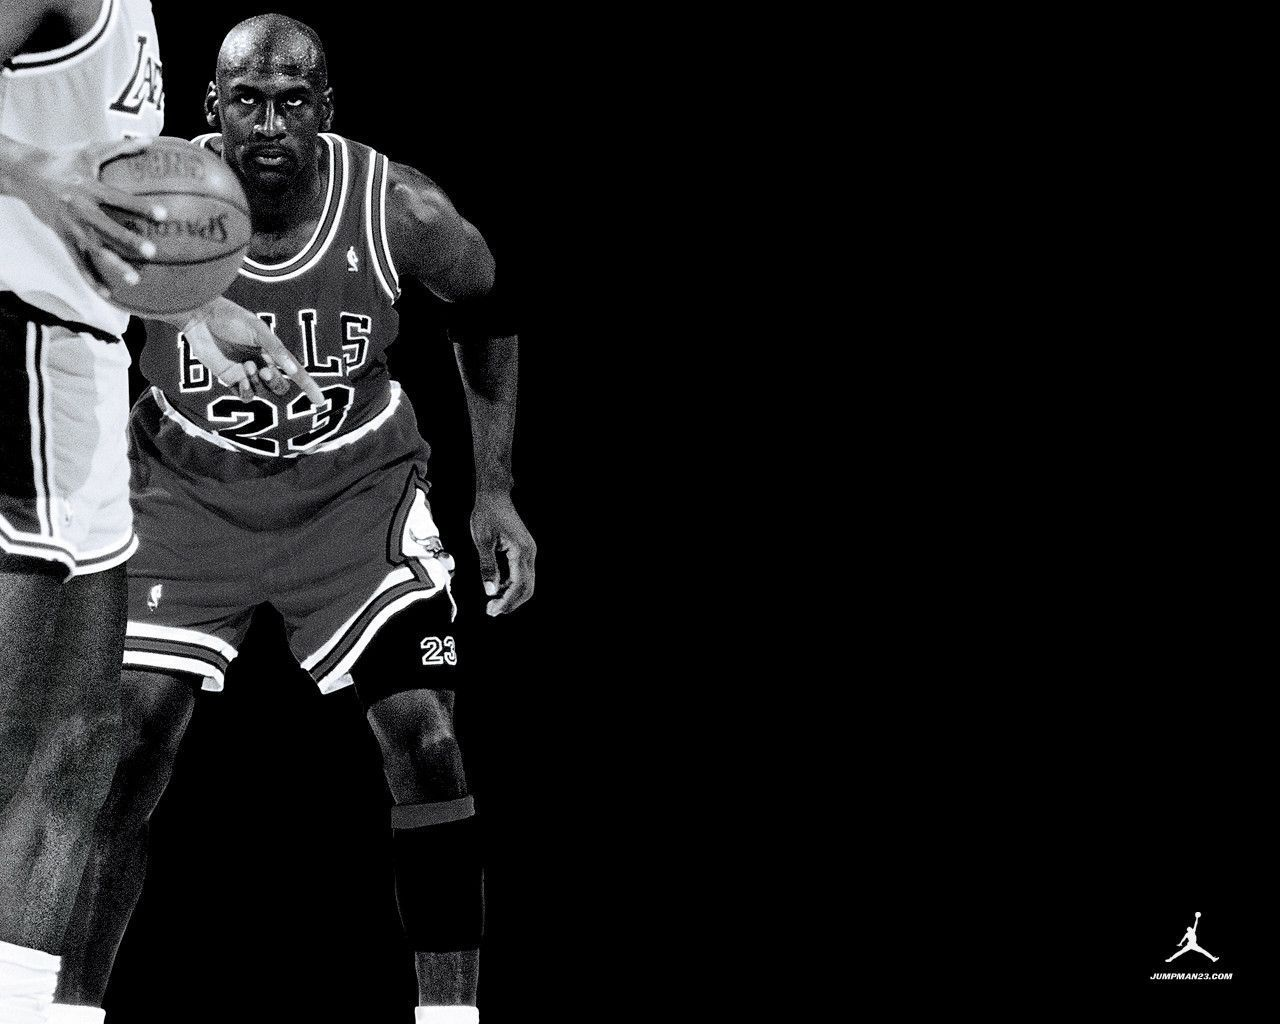 Michael jordan iphone wallpaper tumblr - Michael Jordan Iphone Wallpaper